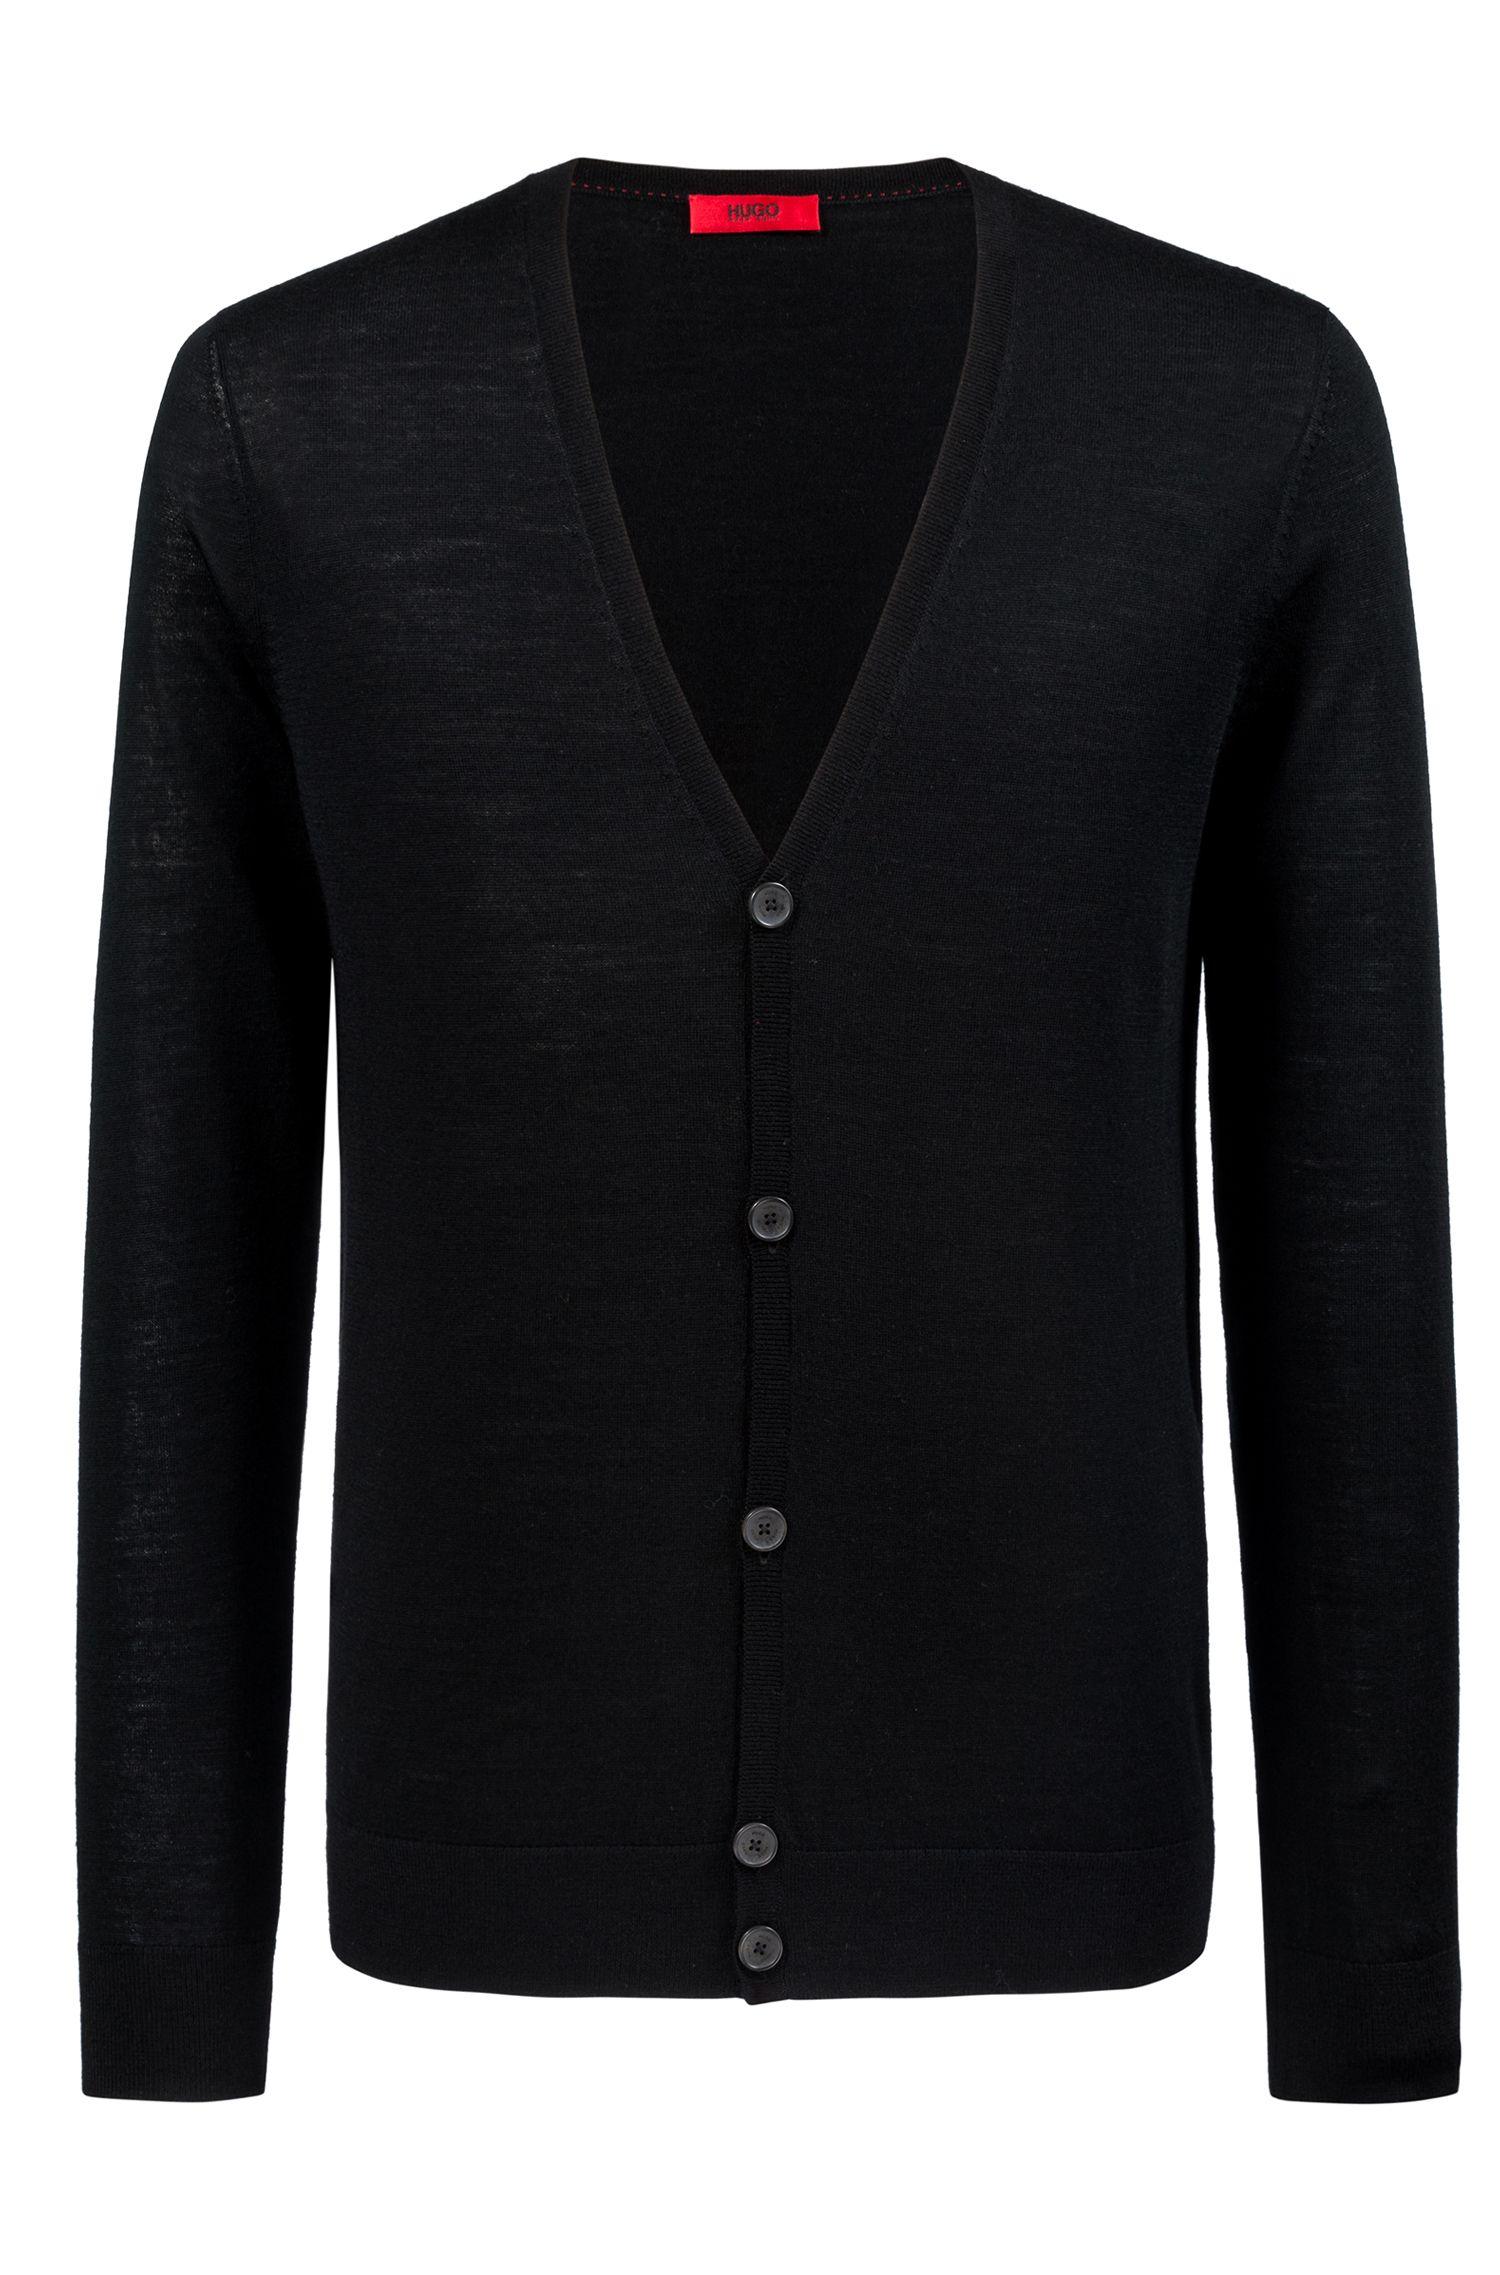 Slim-fit cardigan in a Merino wool blend, Black